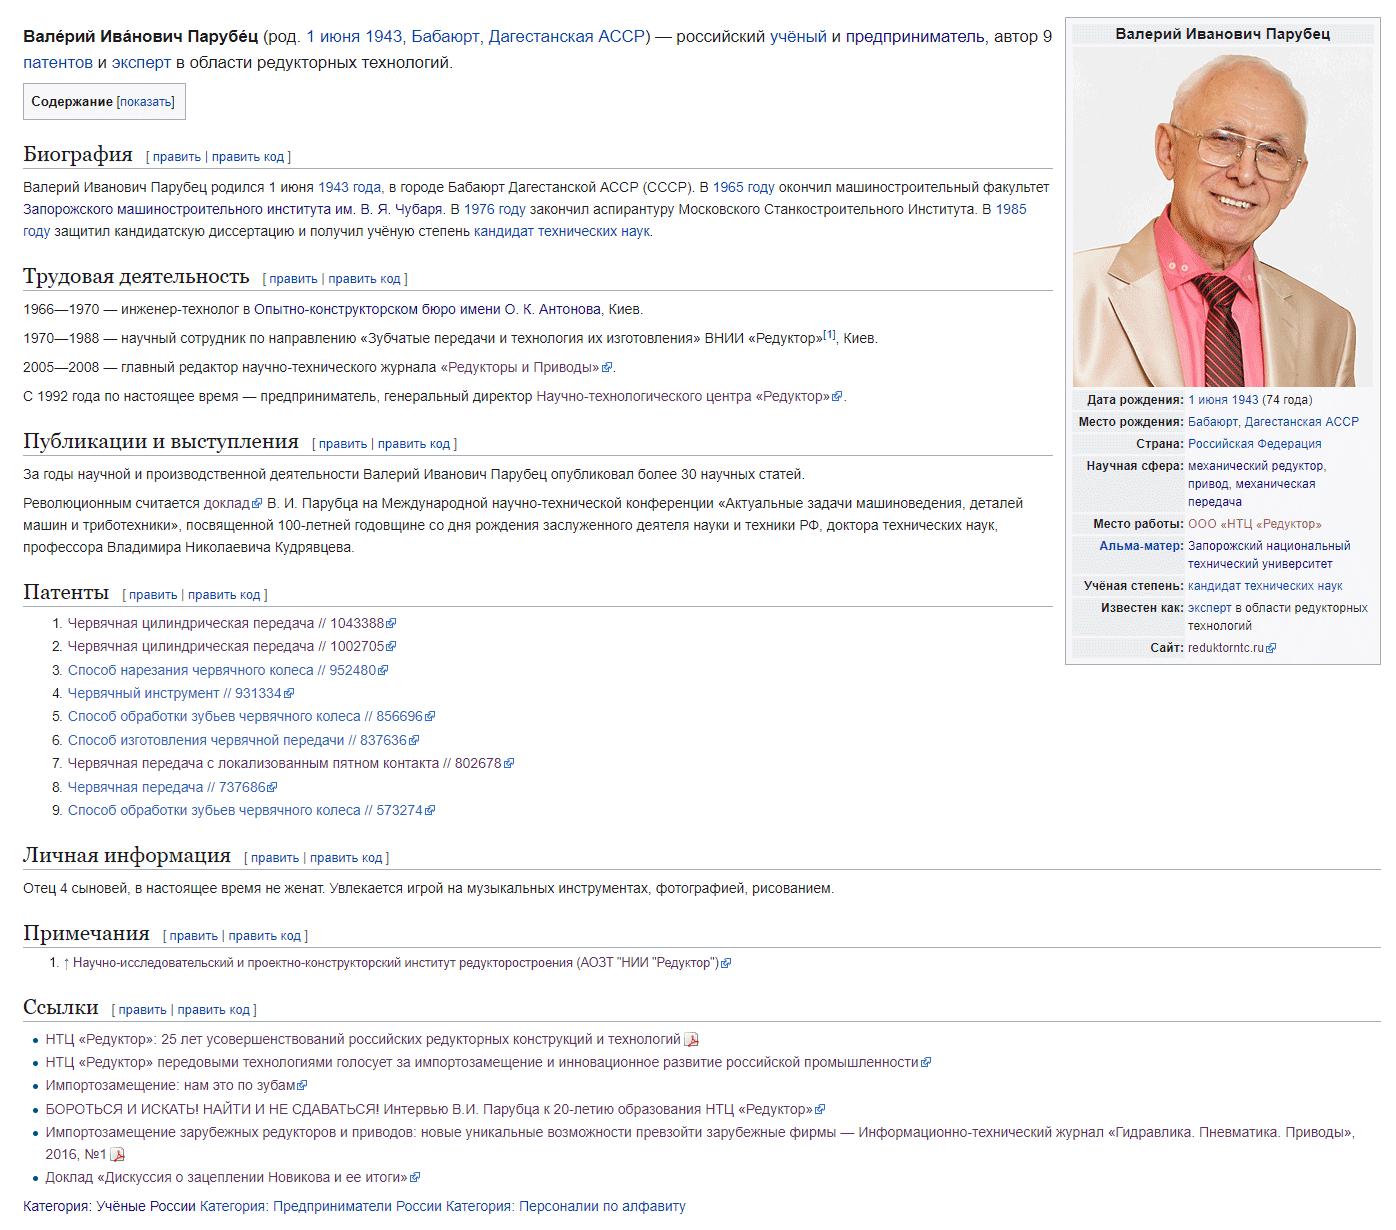 """resume - Вебинар от НТЦ """"Редуктор"""""""